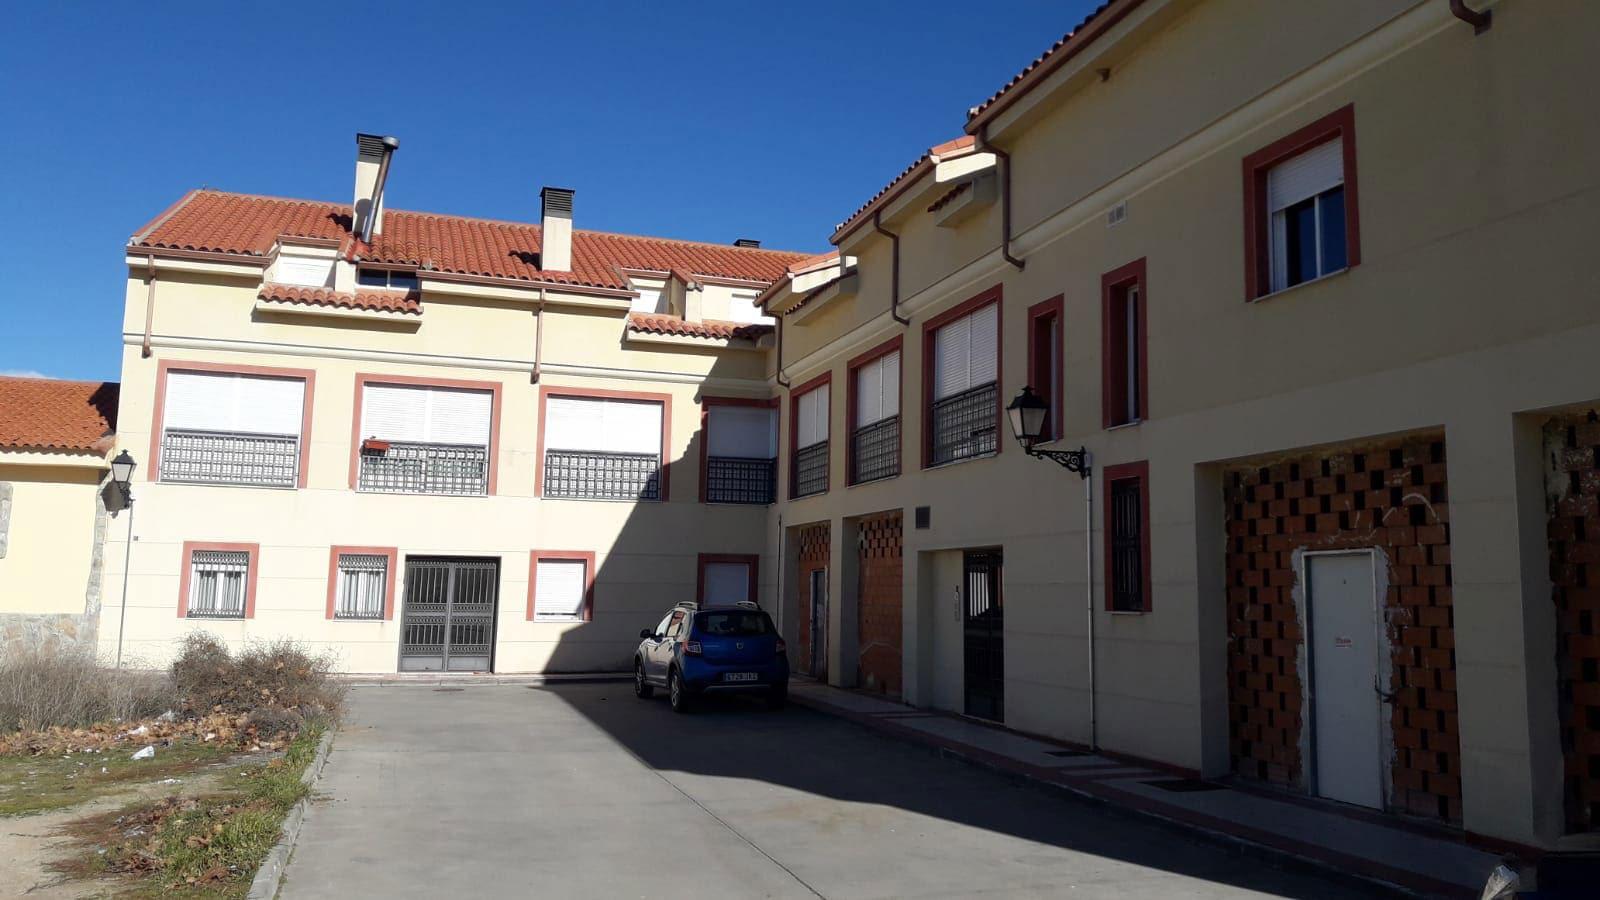 Oficina en venta en Pozo de Guadalajara, Guadalajara, Calle Manzano, 96.261 €, 104 m2